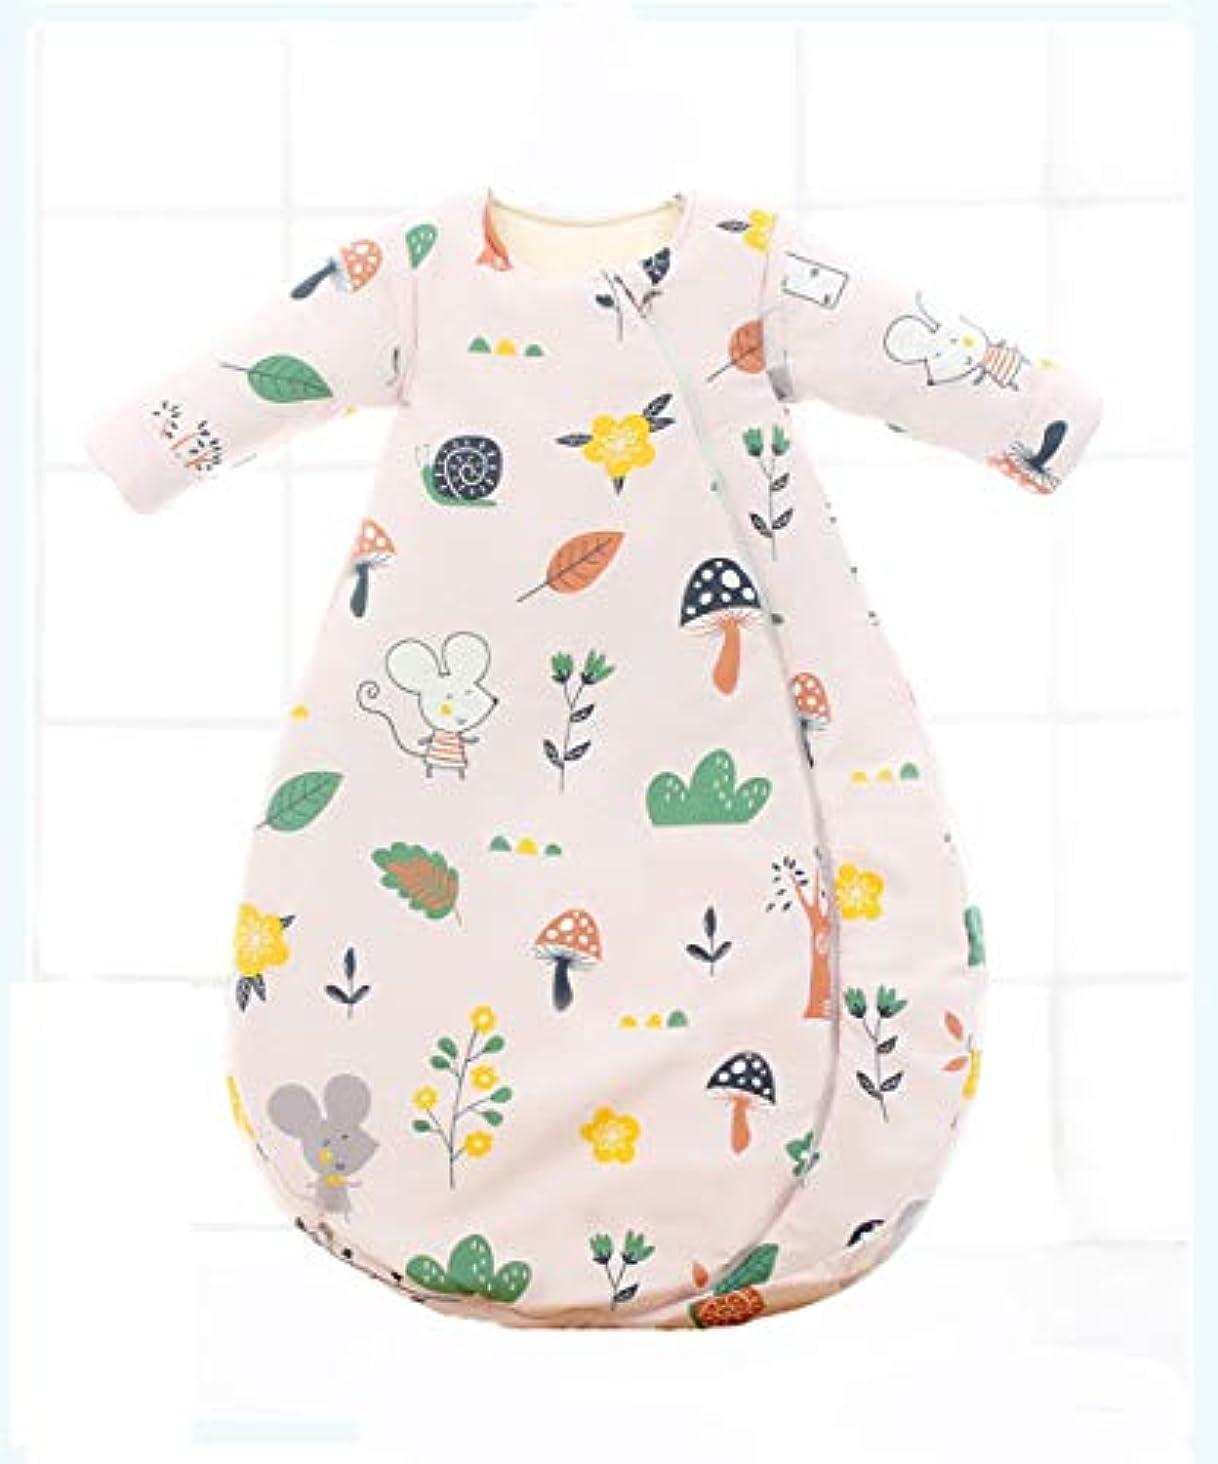 レース香り隣接ピュアコットンと秋と冬で赤ちゃんの寝袋です肥厚,ピンク